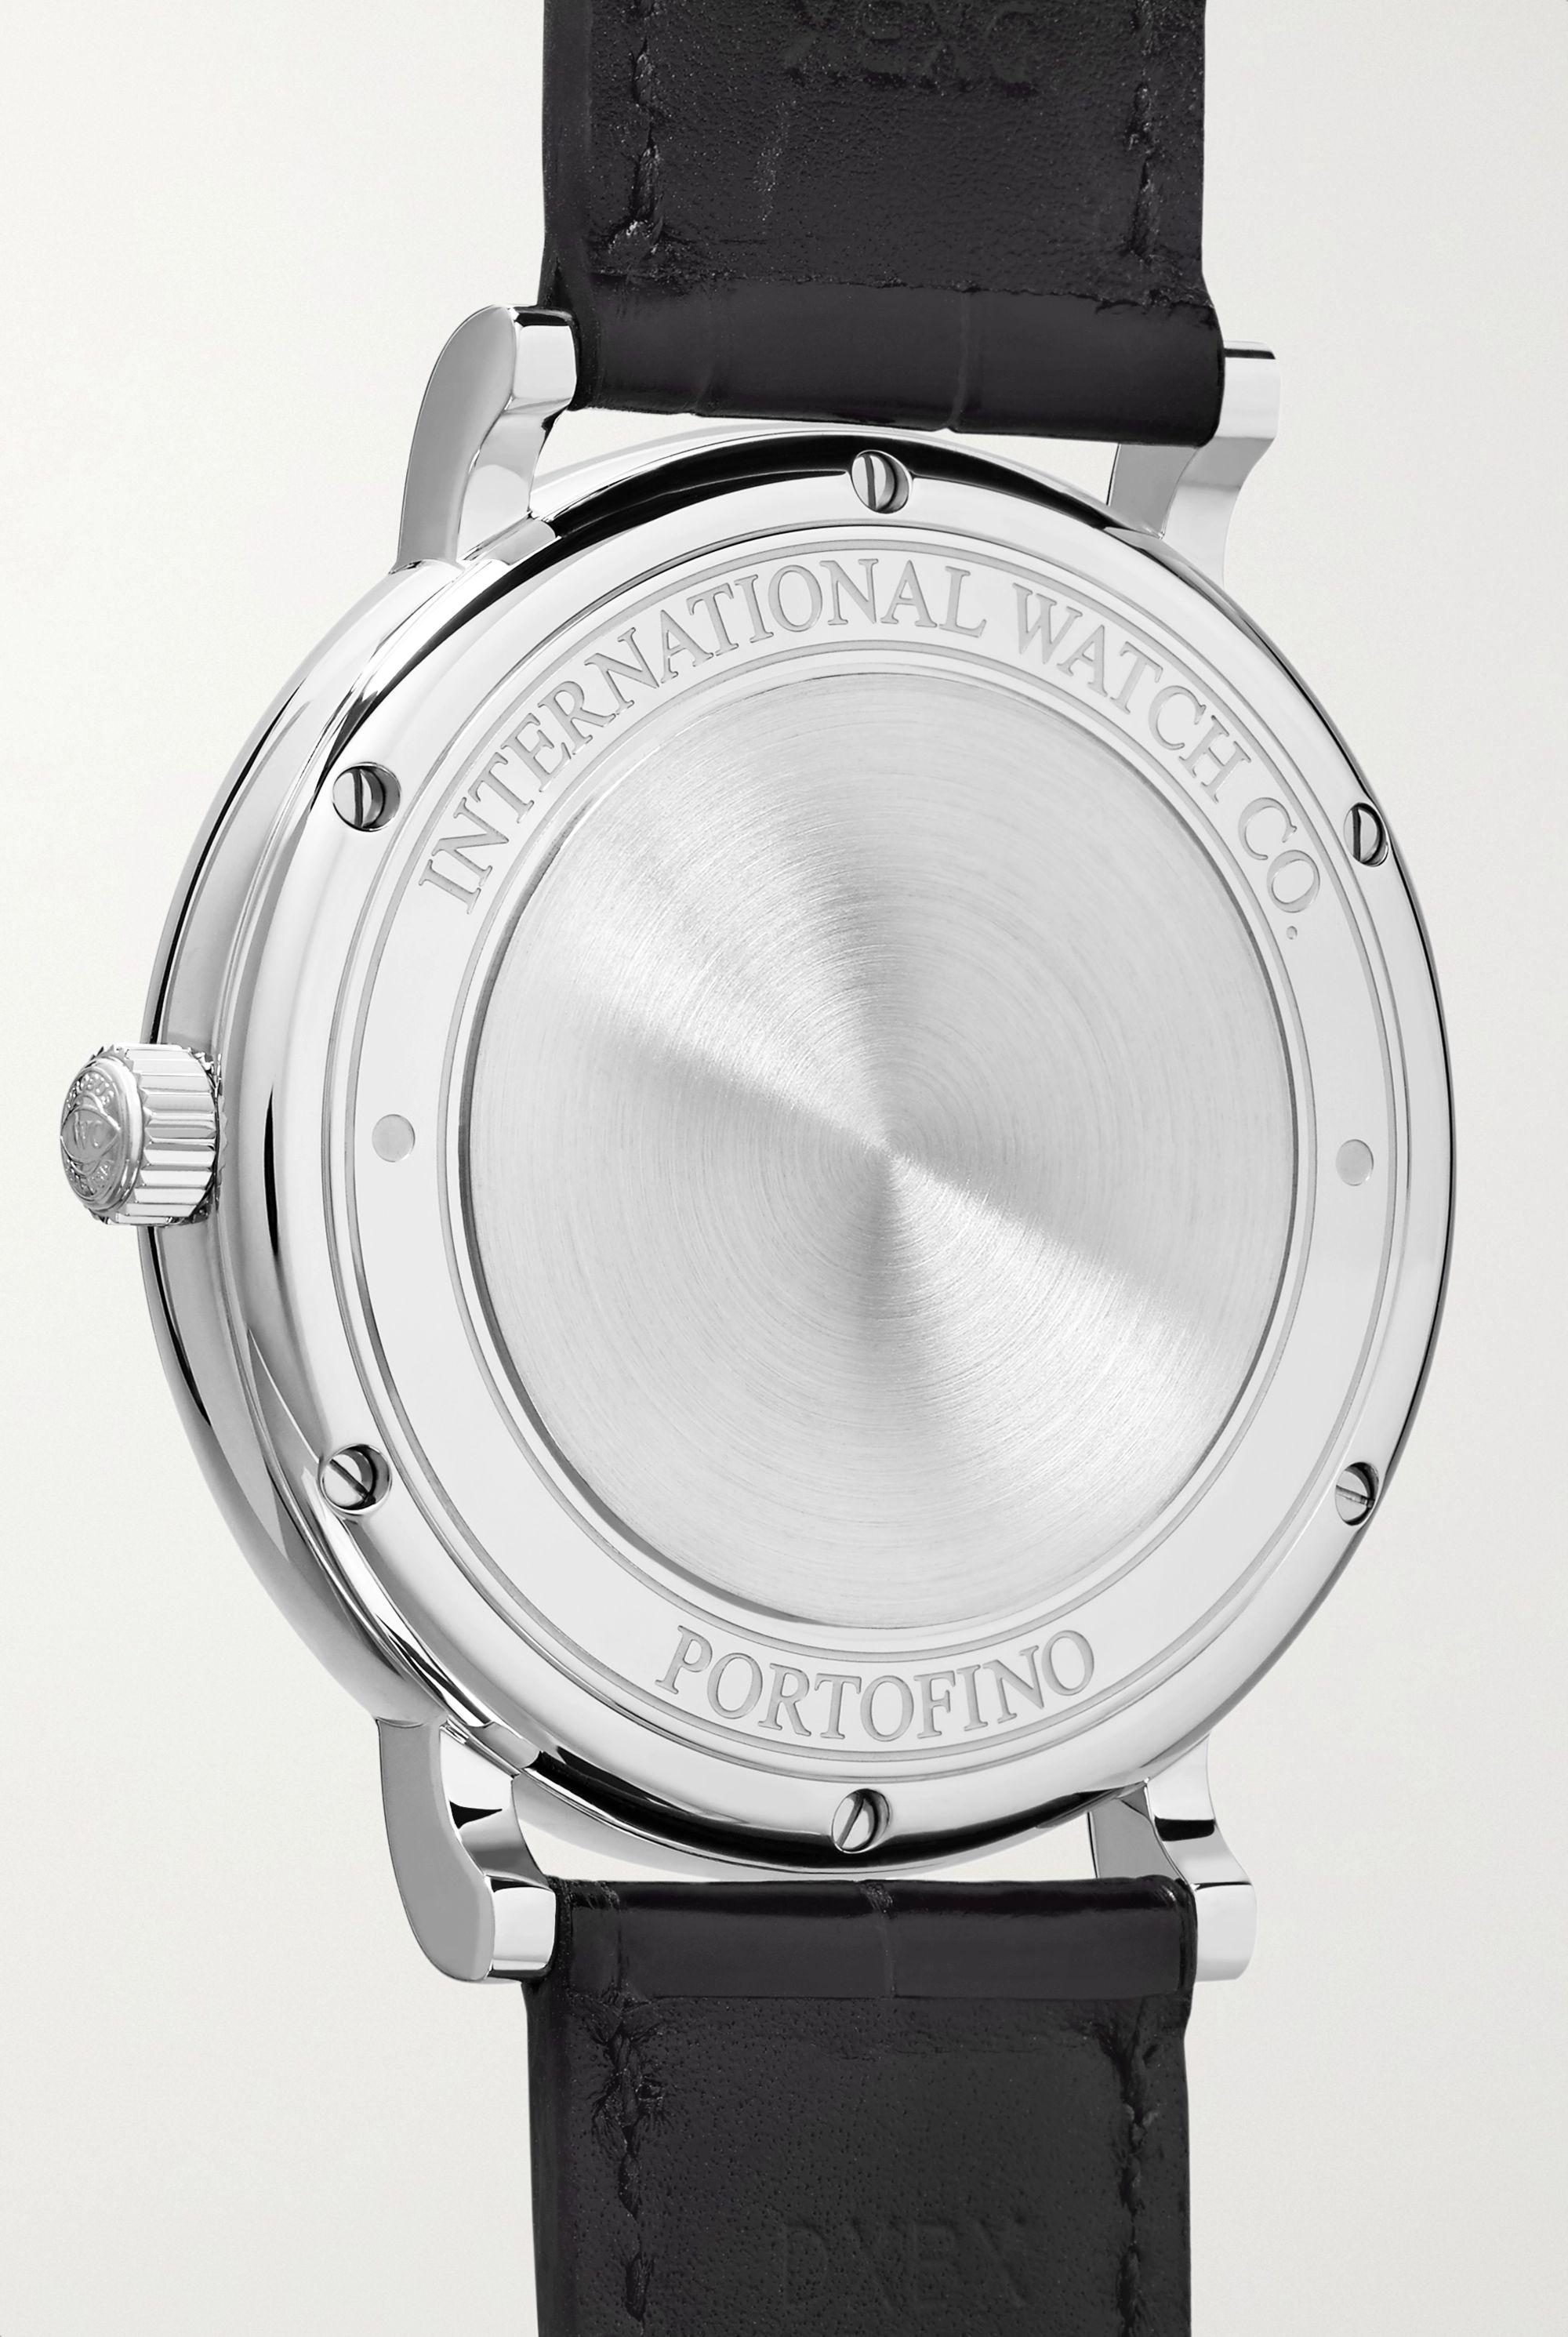 IWC SCHAFFHAUSEN Portofino Automatic 40 mm Uhr aus Edelstahl mit Alligatorlederarmband